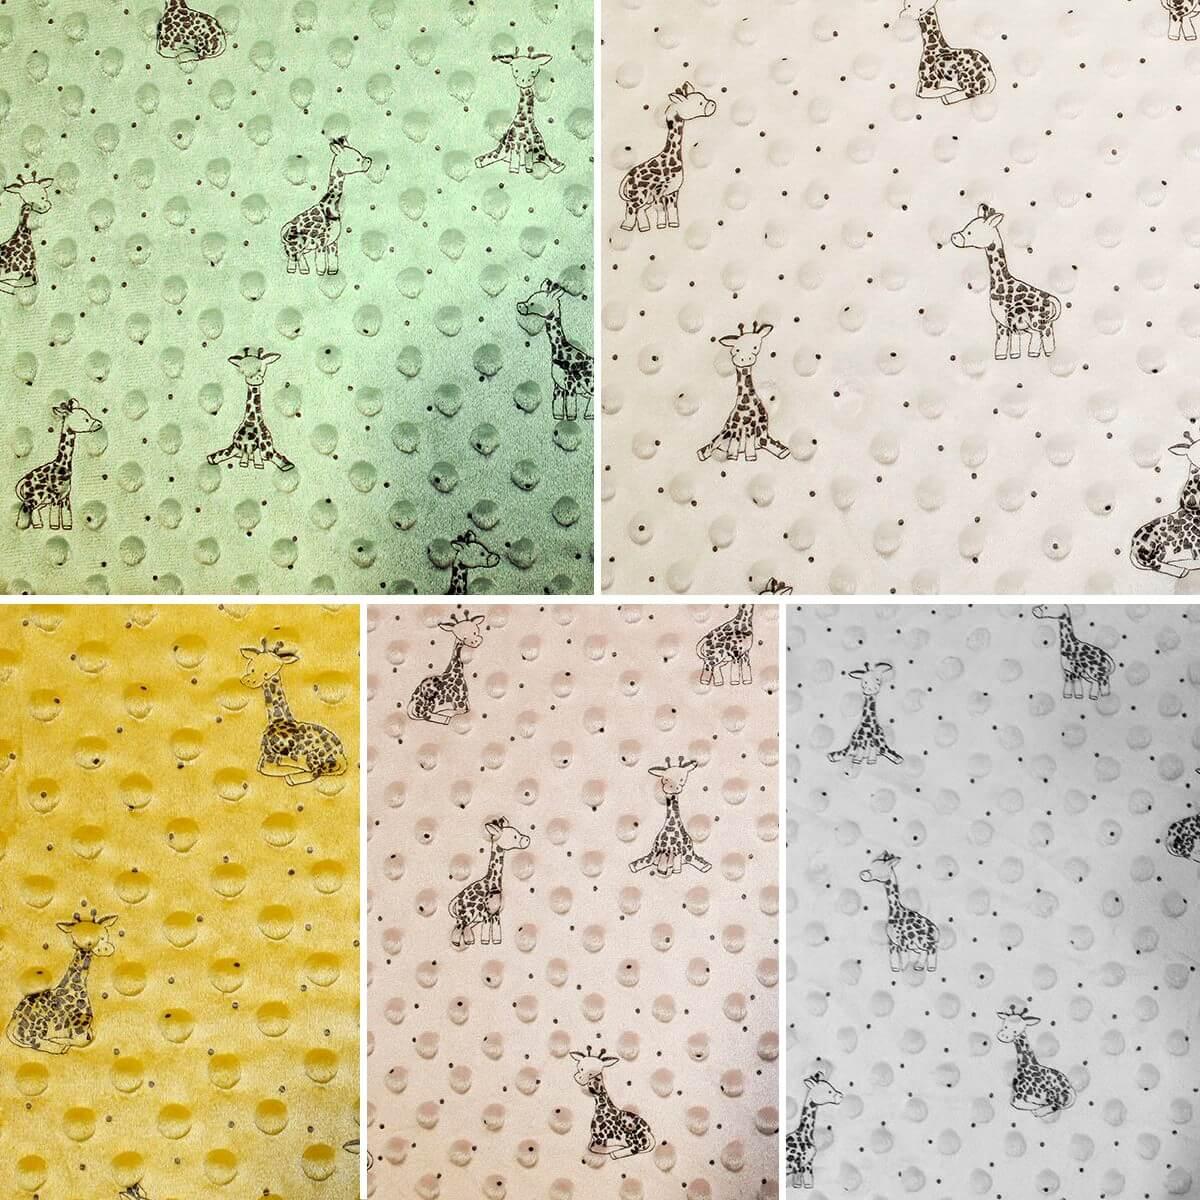 Ochre Patterned Super Soft Dimple Fleece Fabric Giraffes